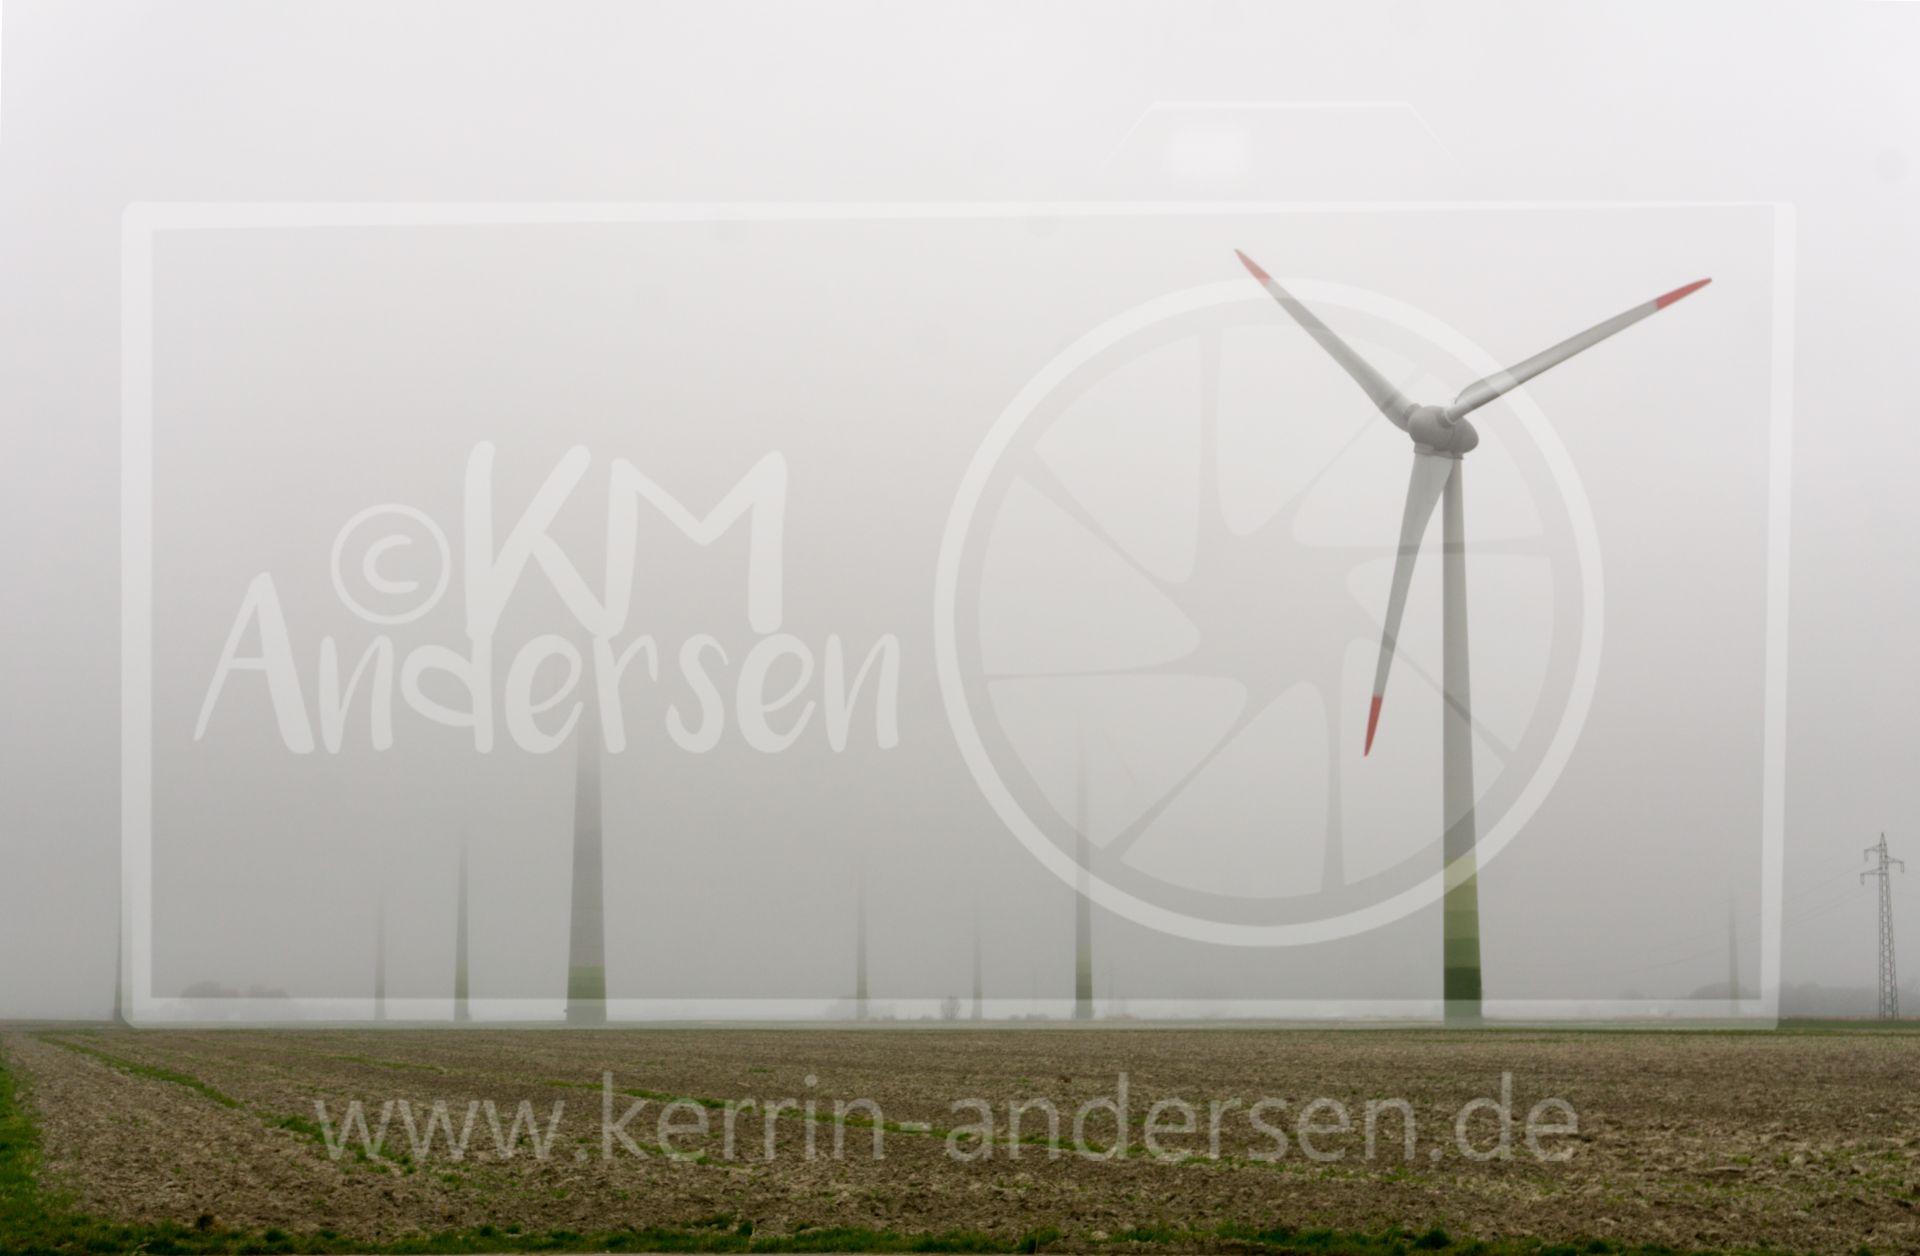 Der Nebel verschlinkt Windkrafträder in der Nähe des Eidersperwerks.